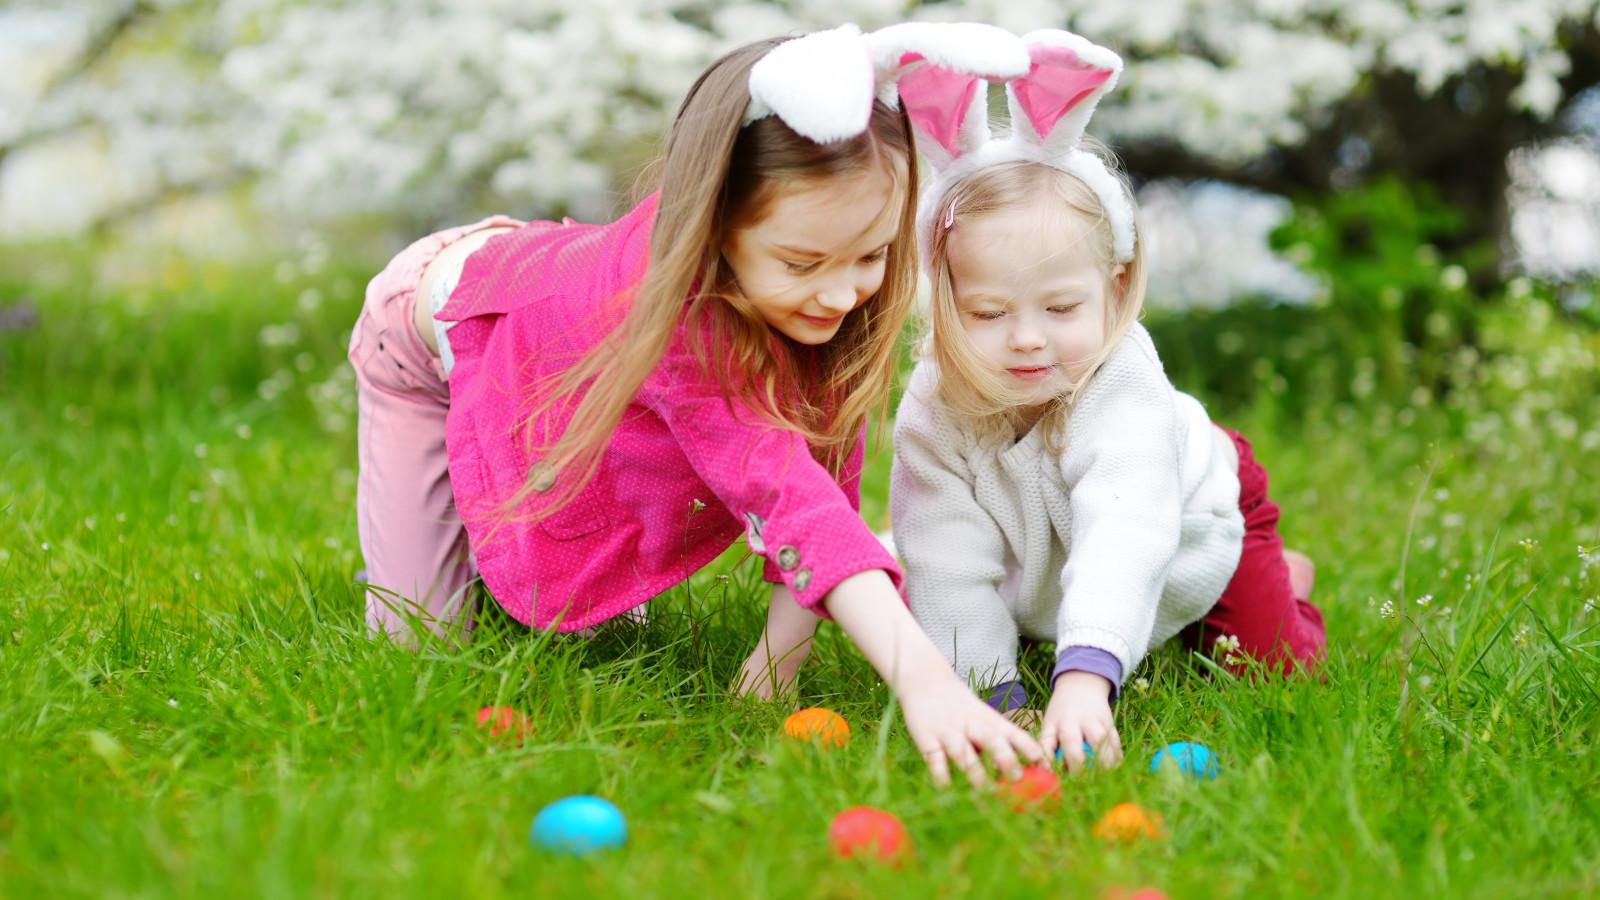 Les parcs Plopsa commencent les vacances de Pâques sur les chapeaux de roues